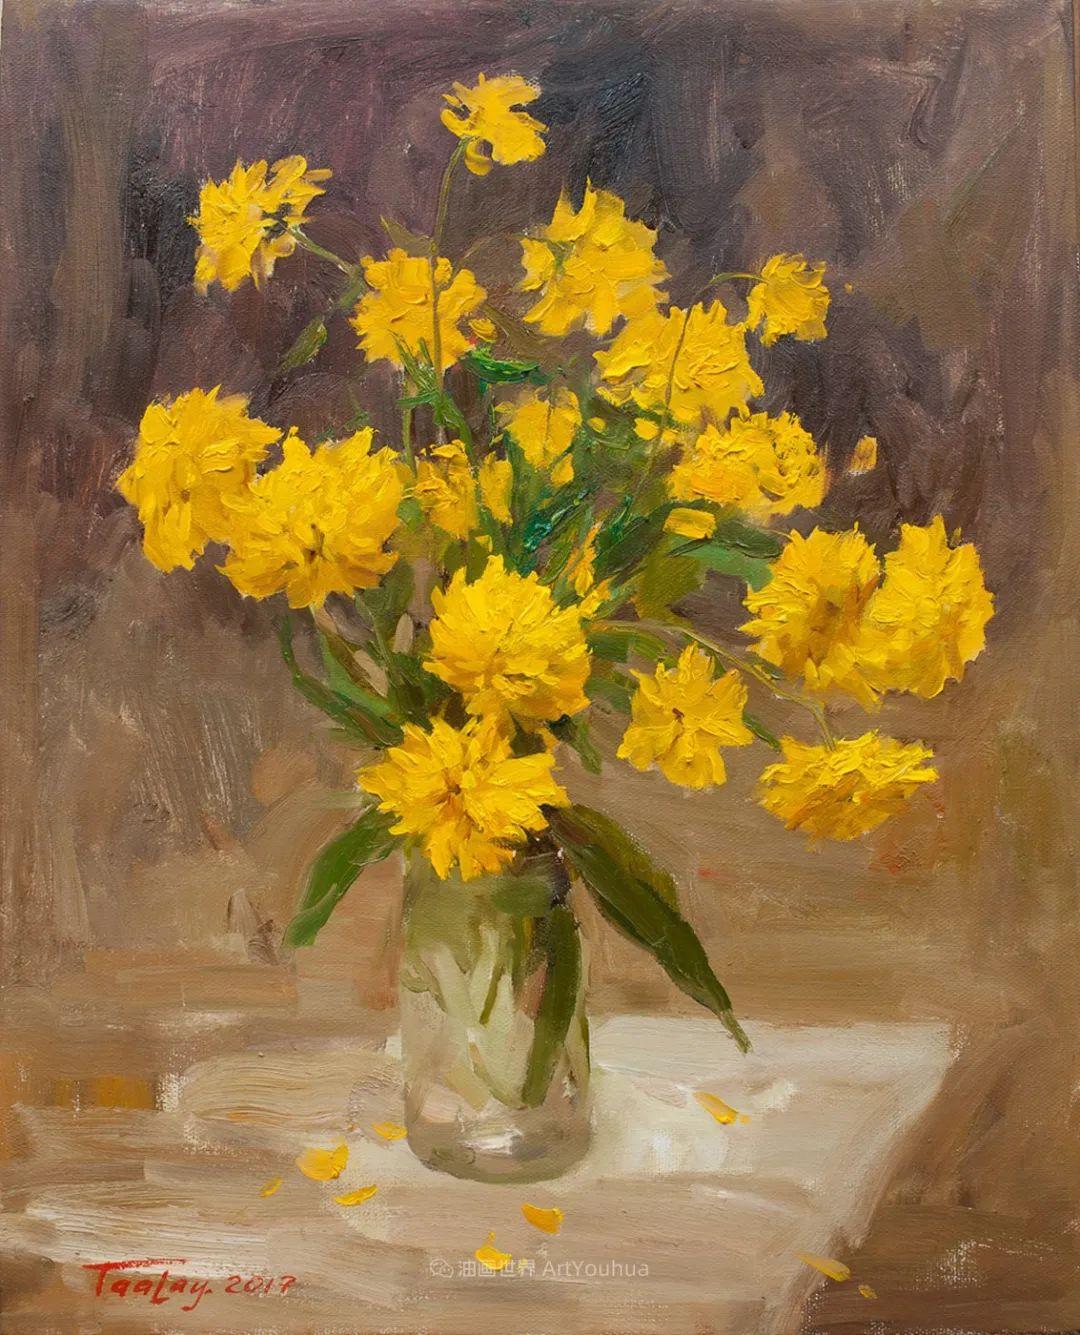 他的花儿如此生动和明亮,充满了光和微妙的东方哲学!插图21